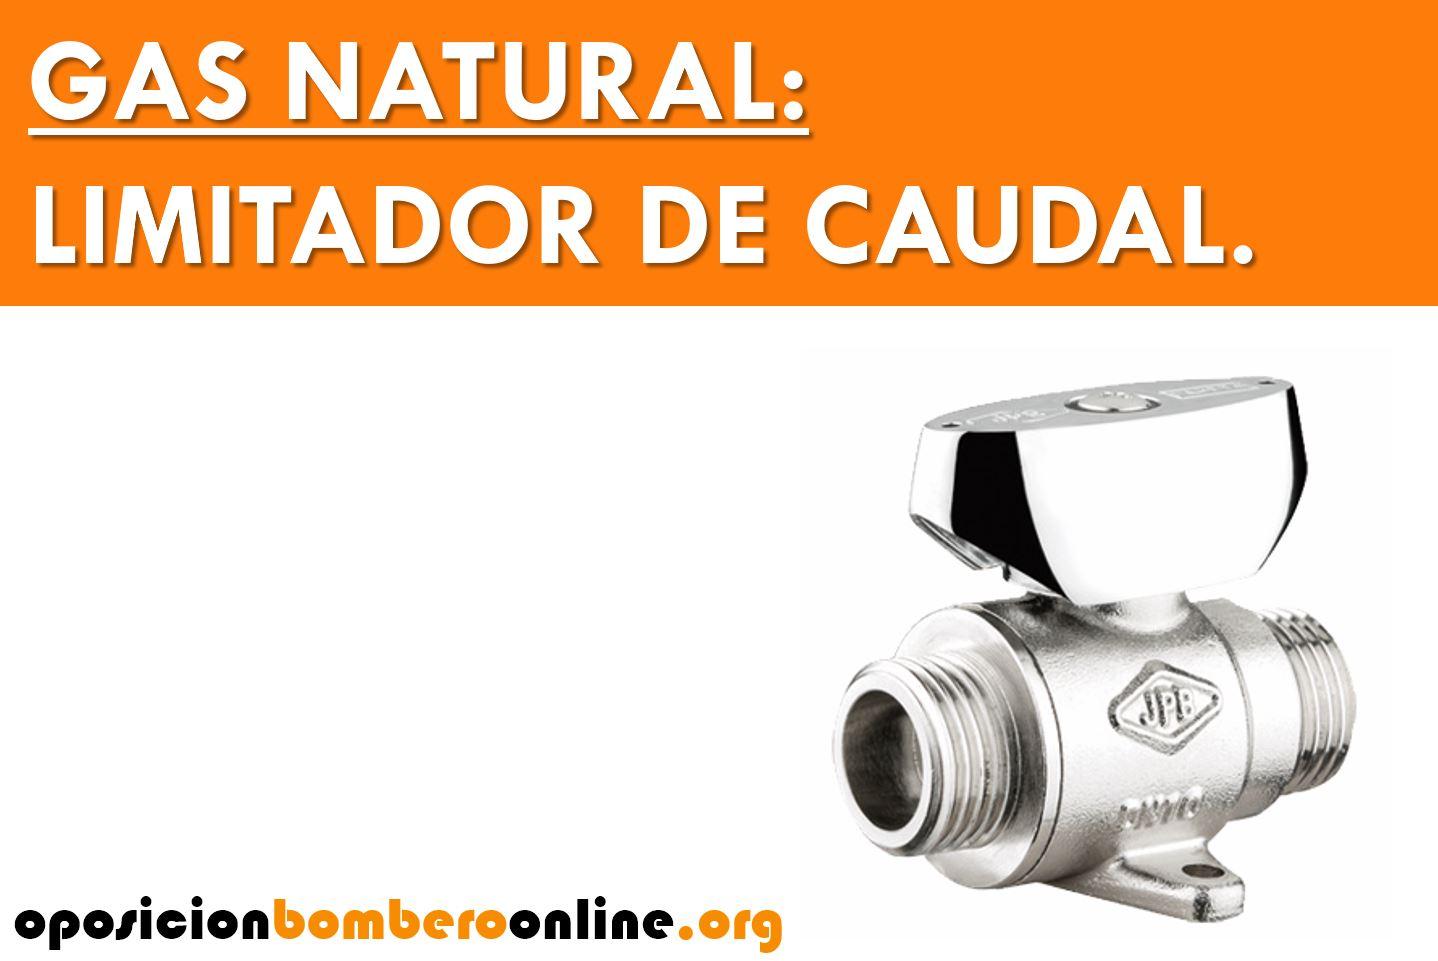 LIMITADOR DE CAUDAL